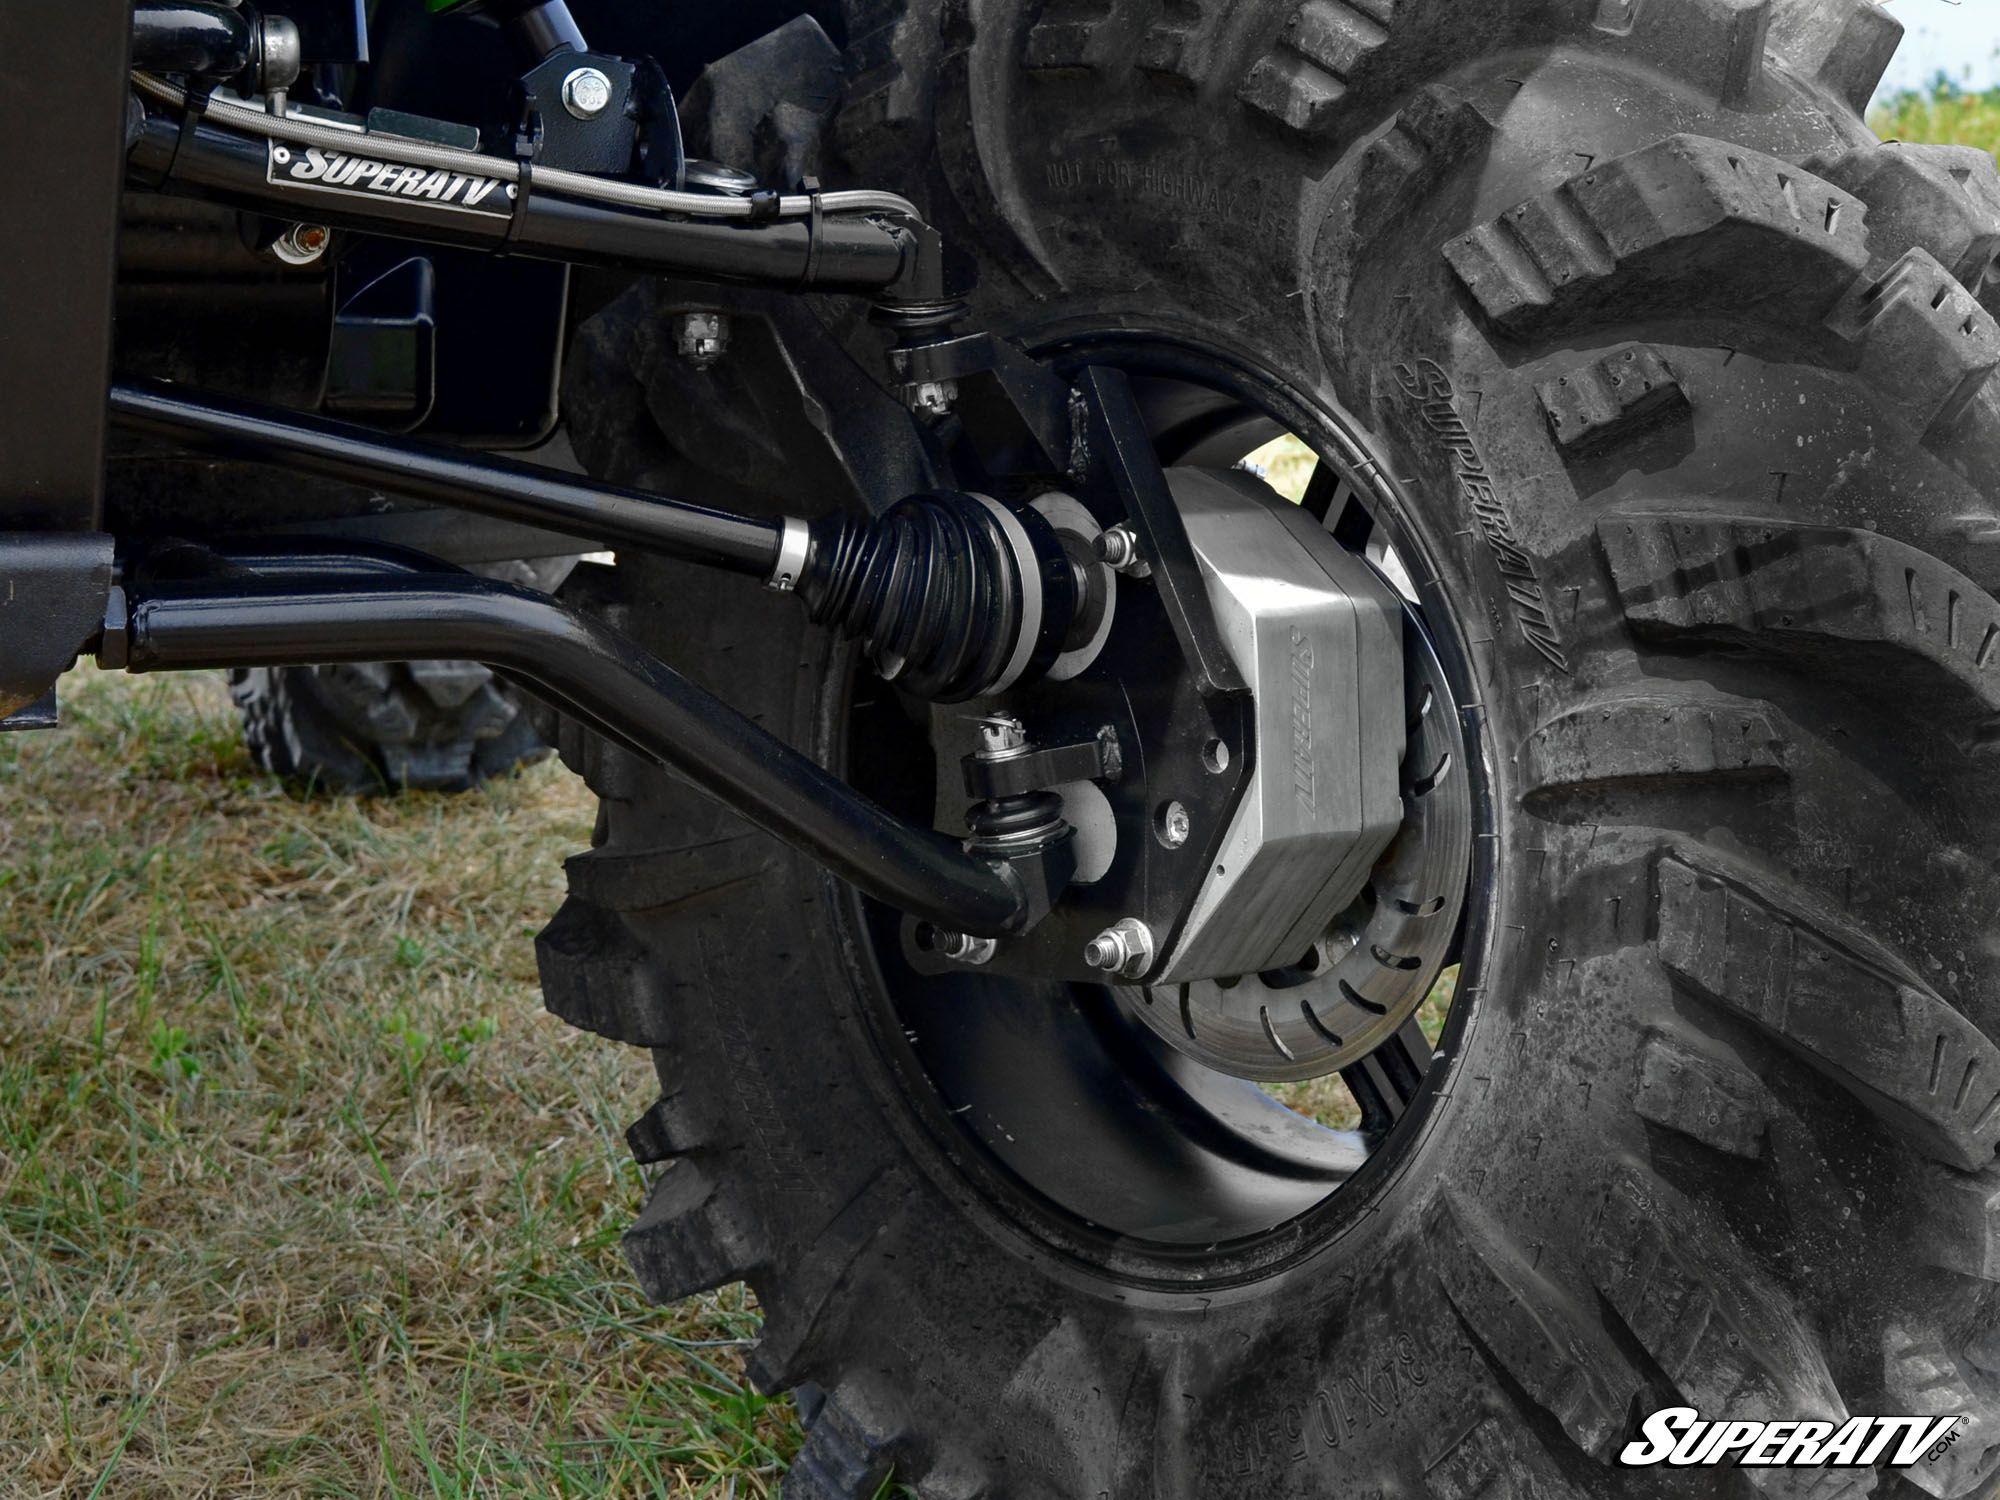 Kawasaki Teryx Portal Gear Lifts